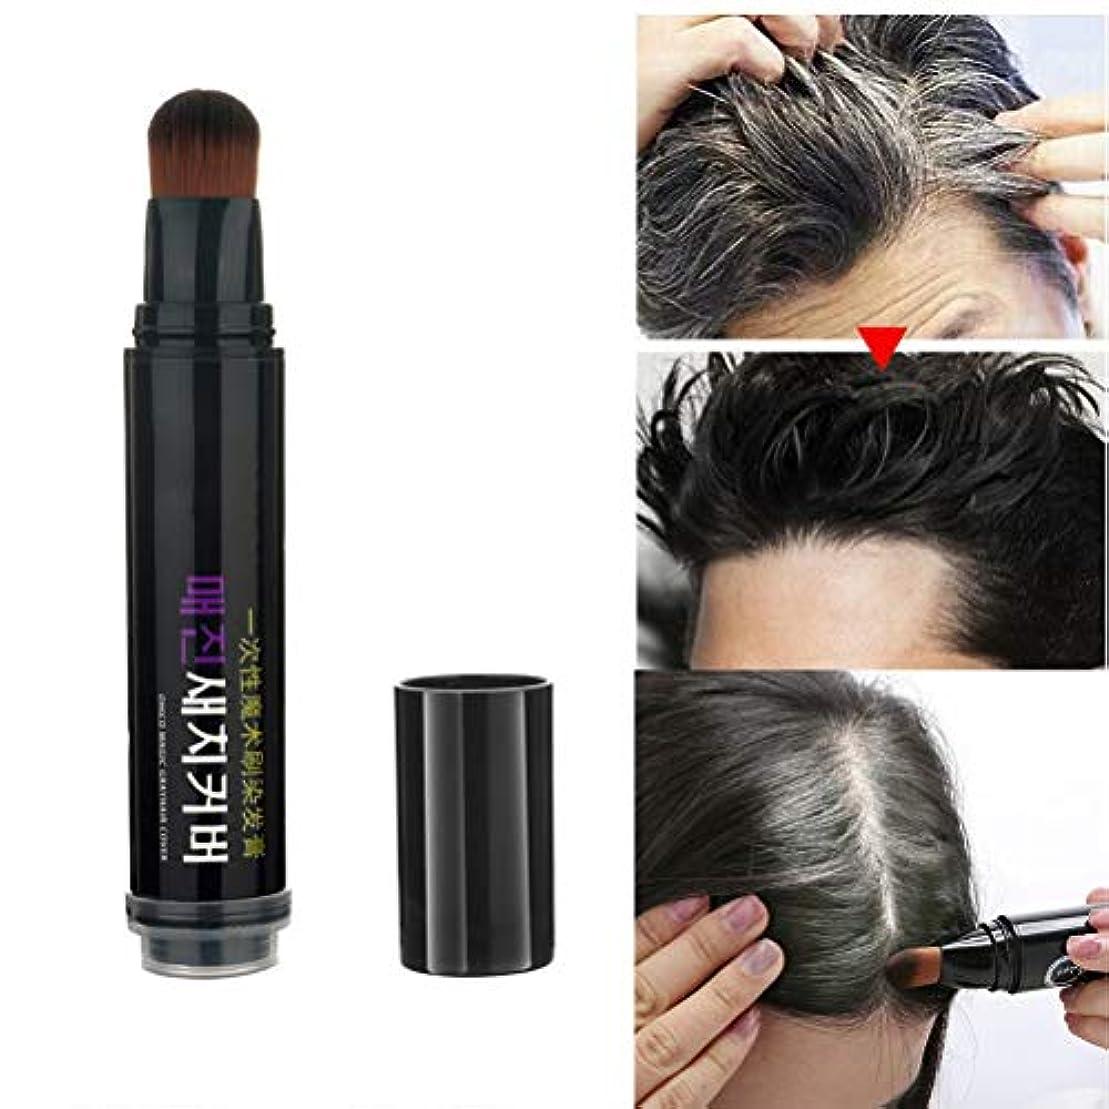 酸度融合歯科のsupbel 白髪染めペン 白髪隠し ペン型 ヘアケア スティック 簡易髪染 無添加 植物エキス 染髪剤 生え際 携帯式 美容 ナチュラル